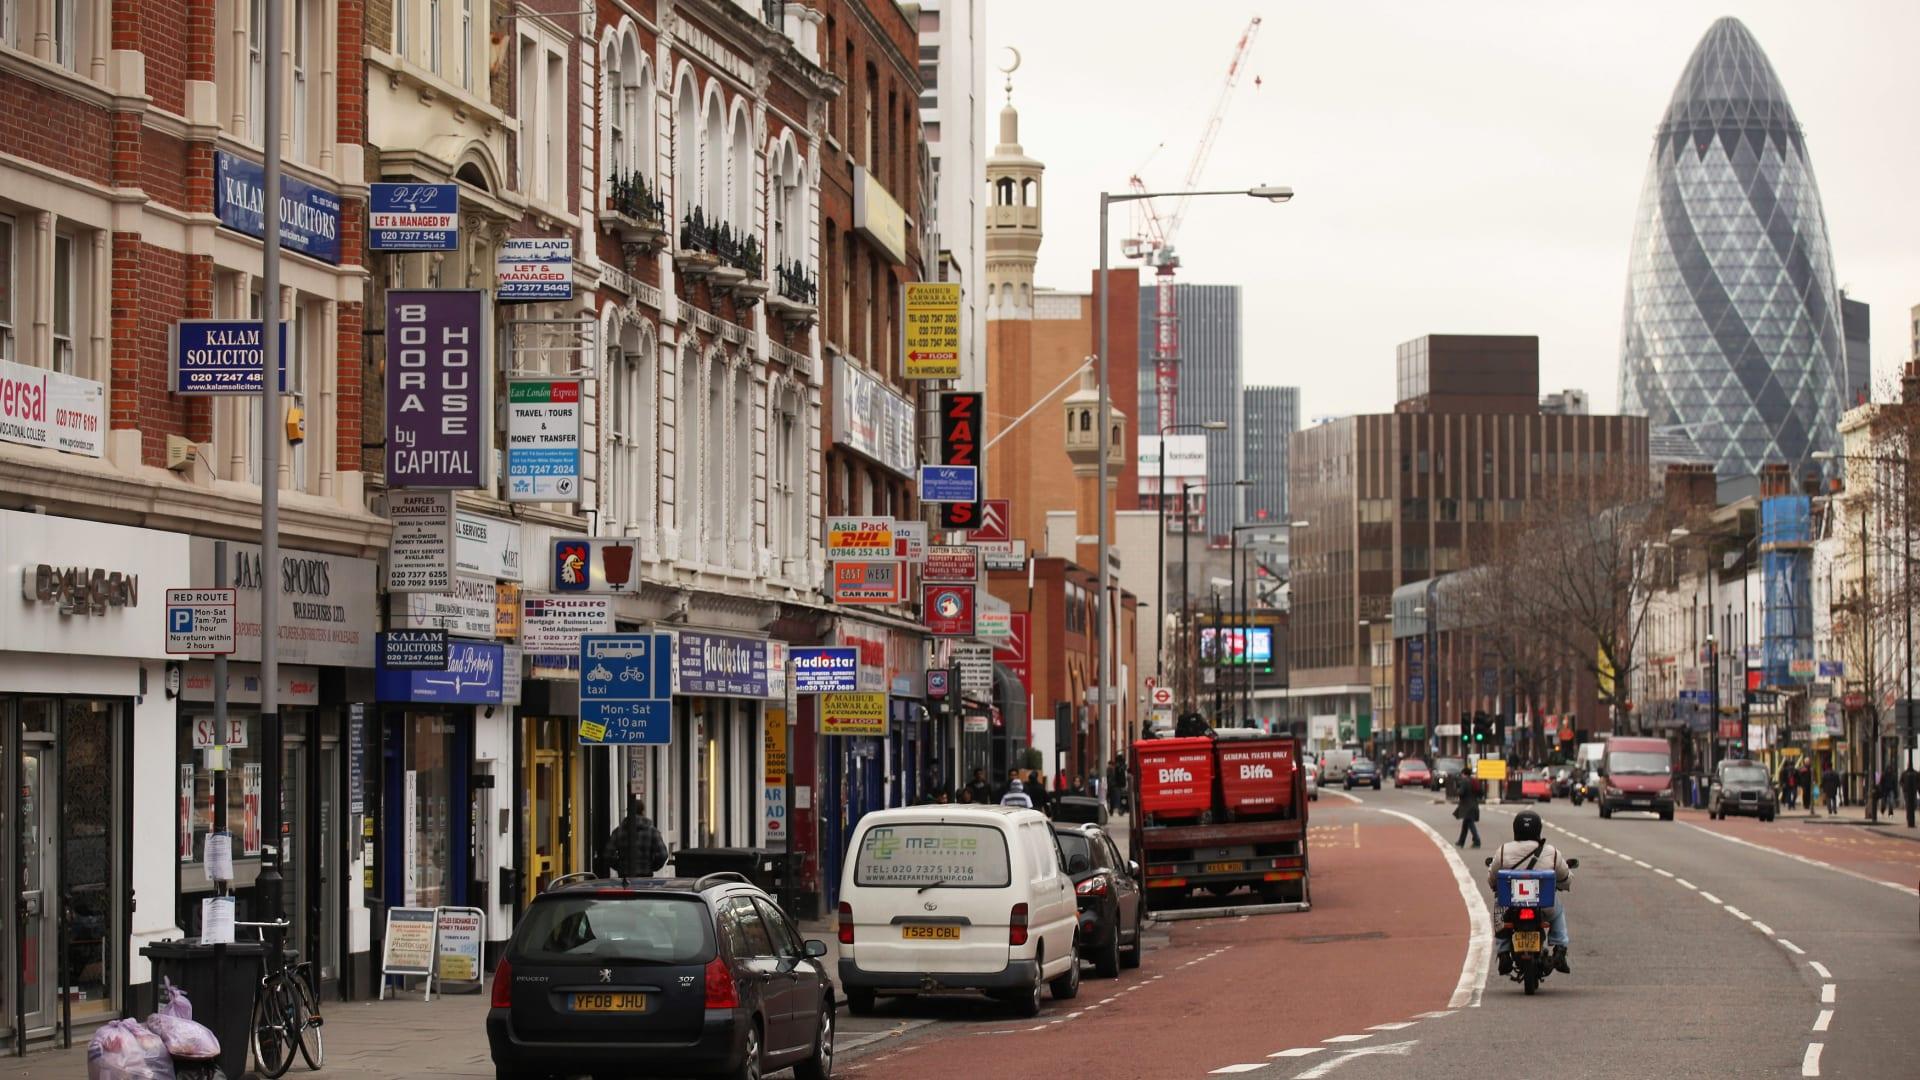 صورة ارشيفية من أحد شوارع العاصمة البريطانية لندن